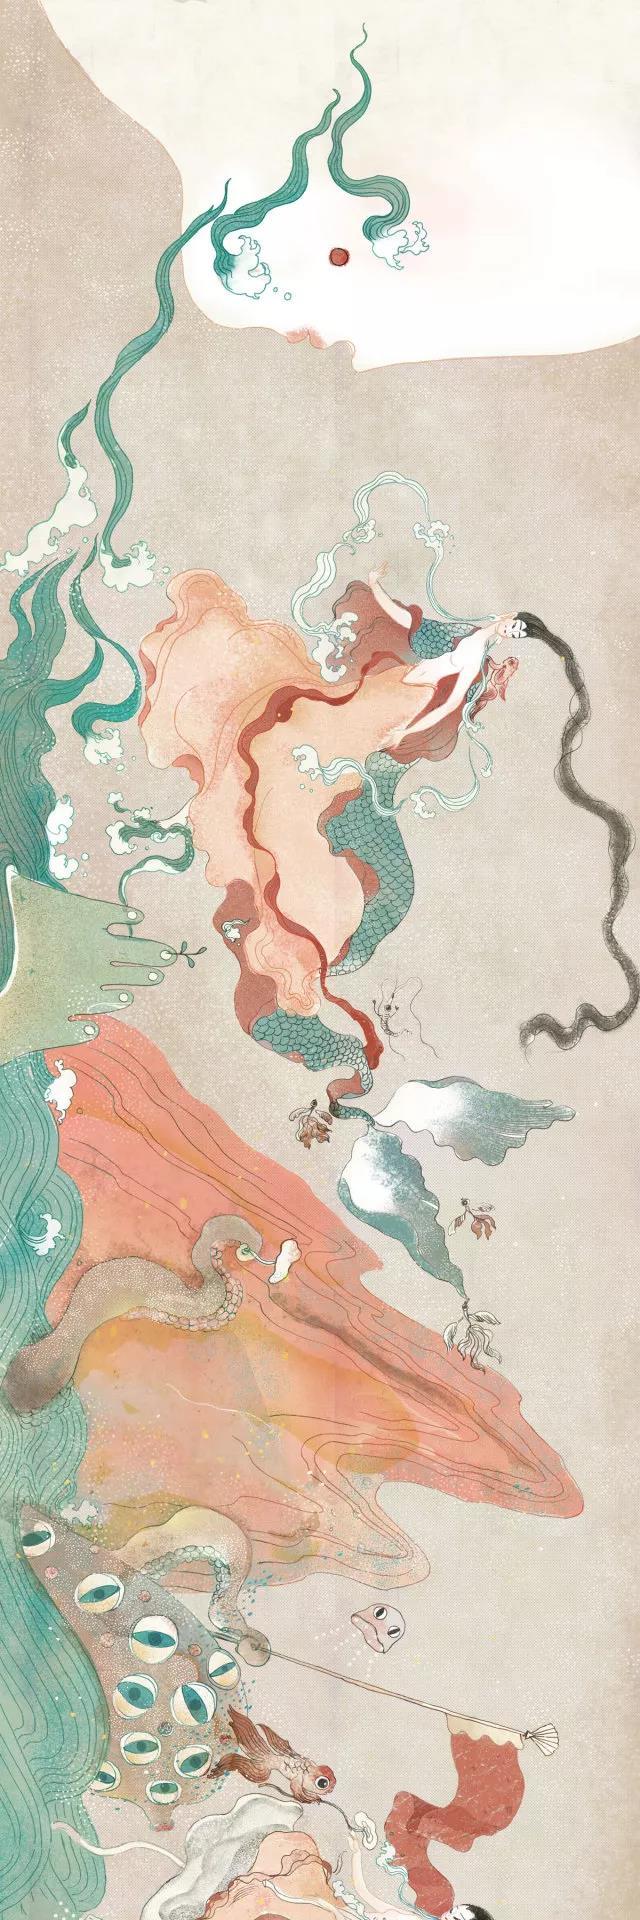 《洛神赋》绘本插画,最美的中国式爱情!